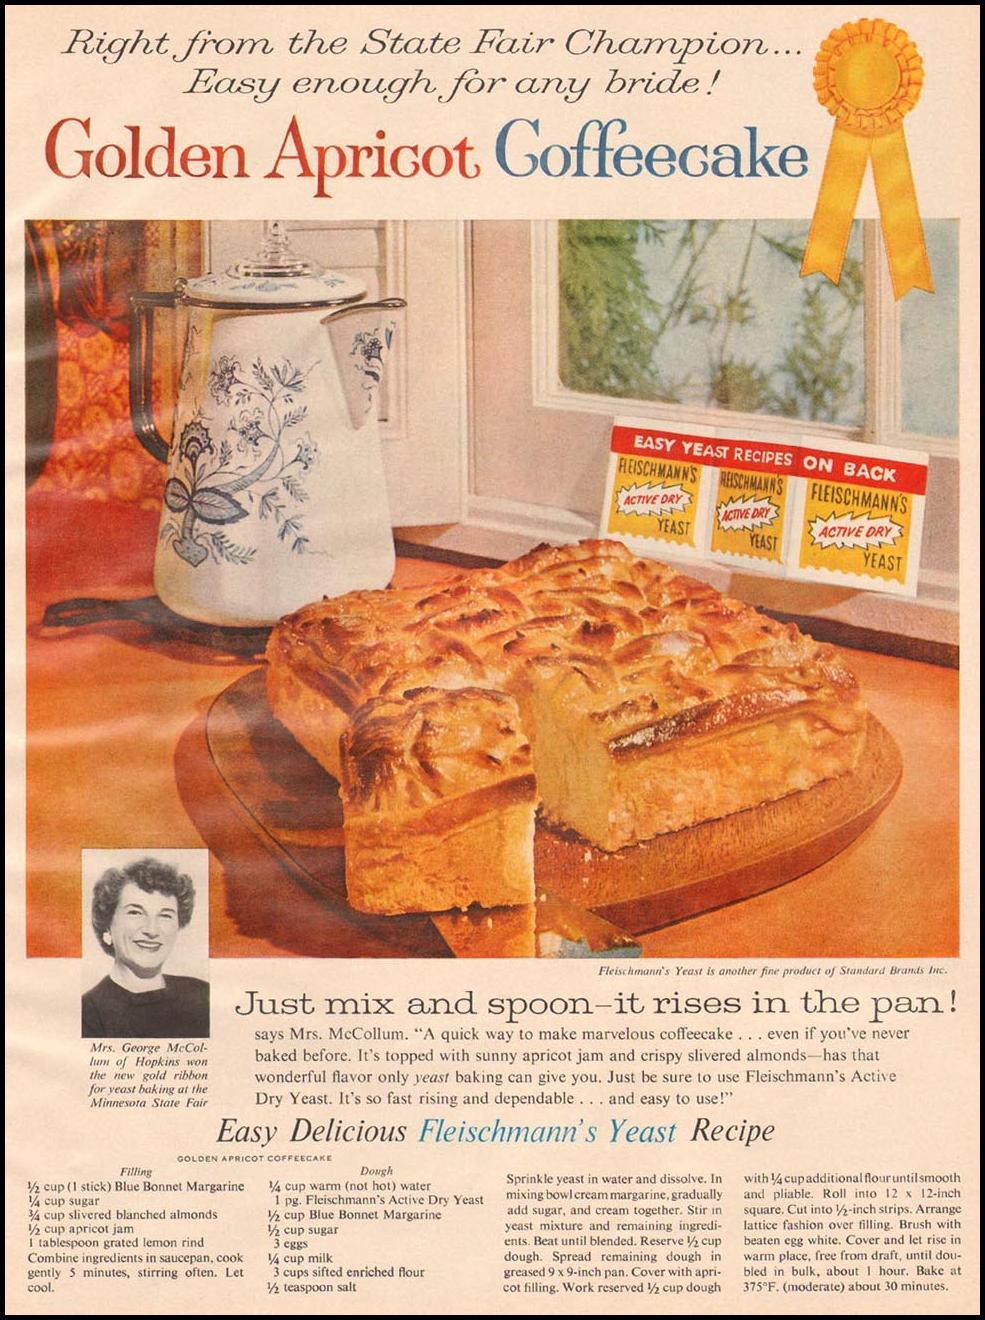 FLEISCHMANN'S YEAST BETTER HOMES AND GARDENS 03/01/1960 p. 127